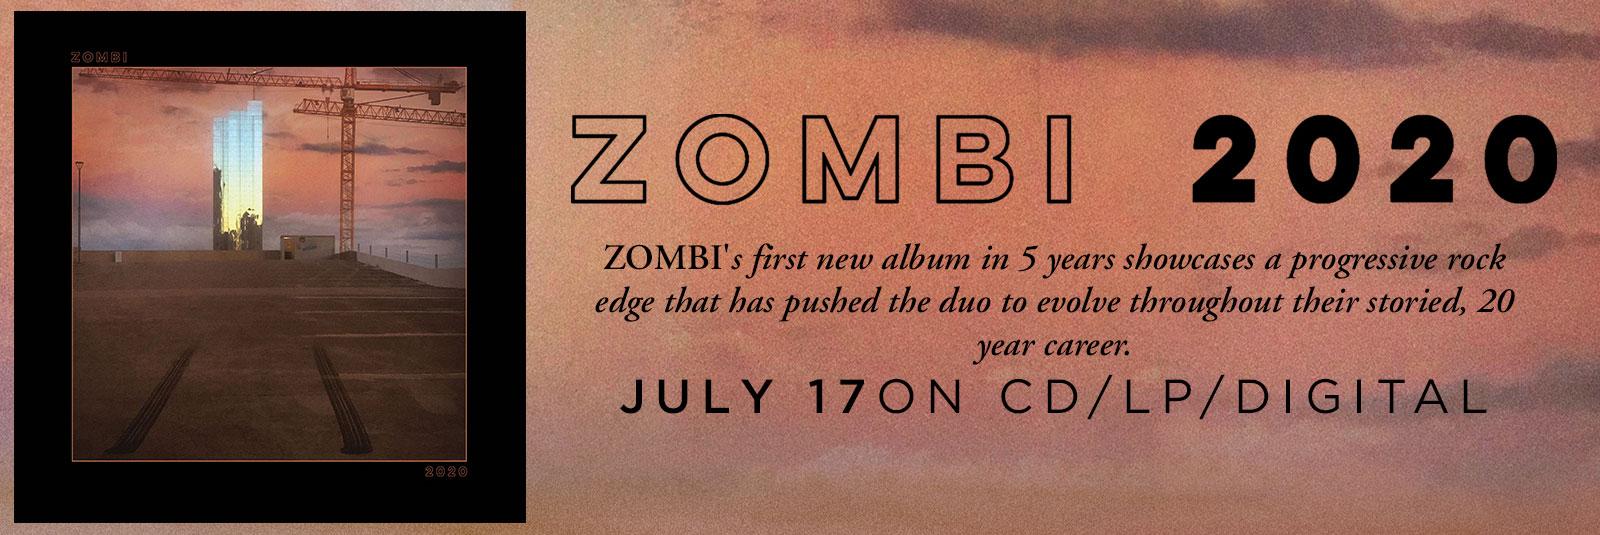 zombi-2020-instrumental-hard-rock-relapse-july-17